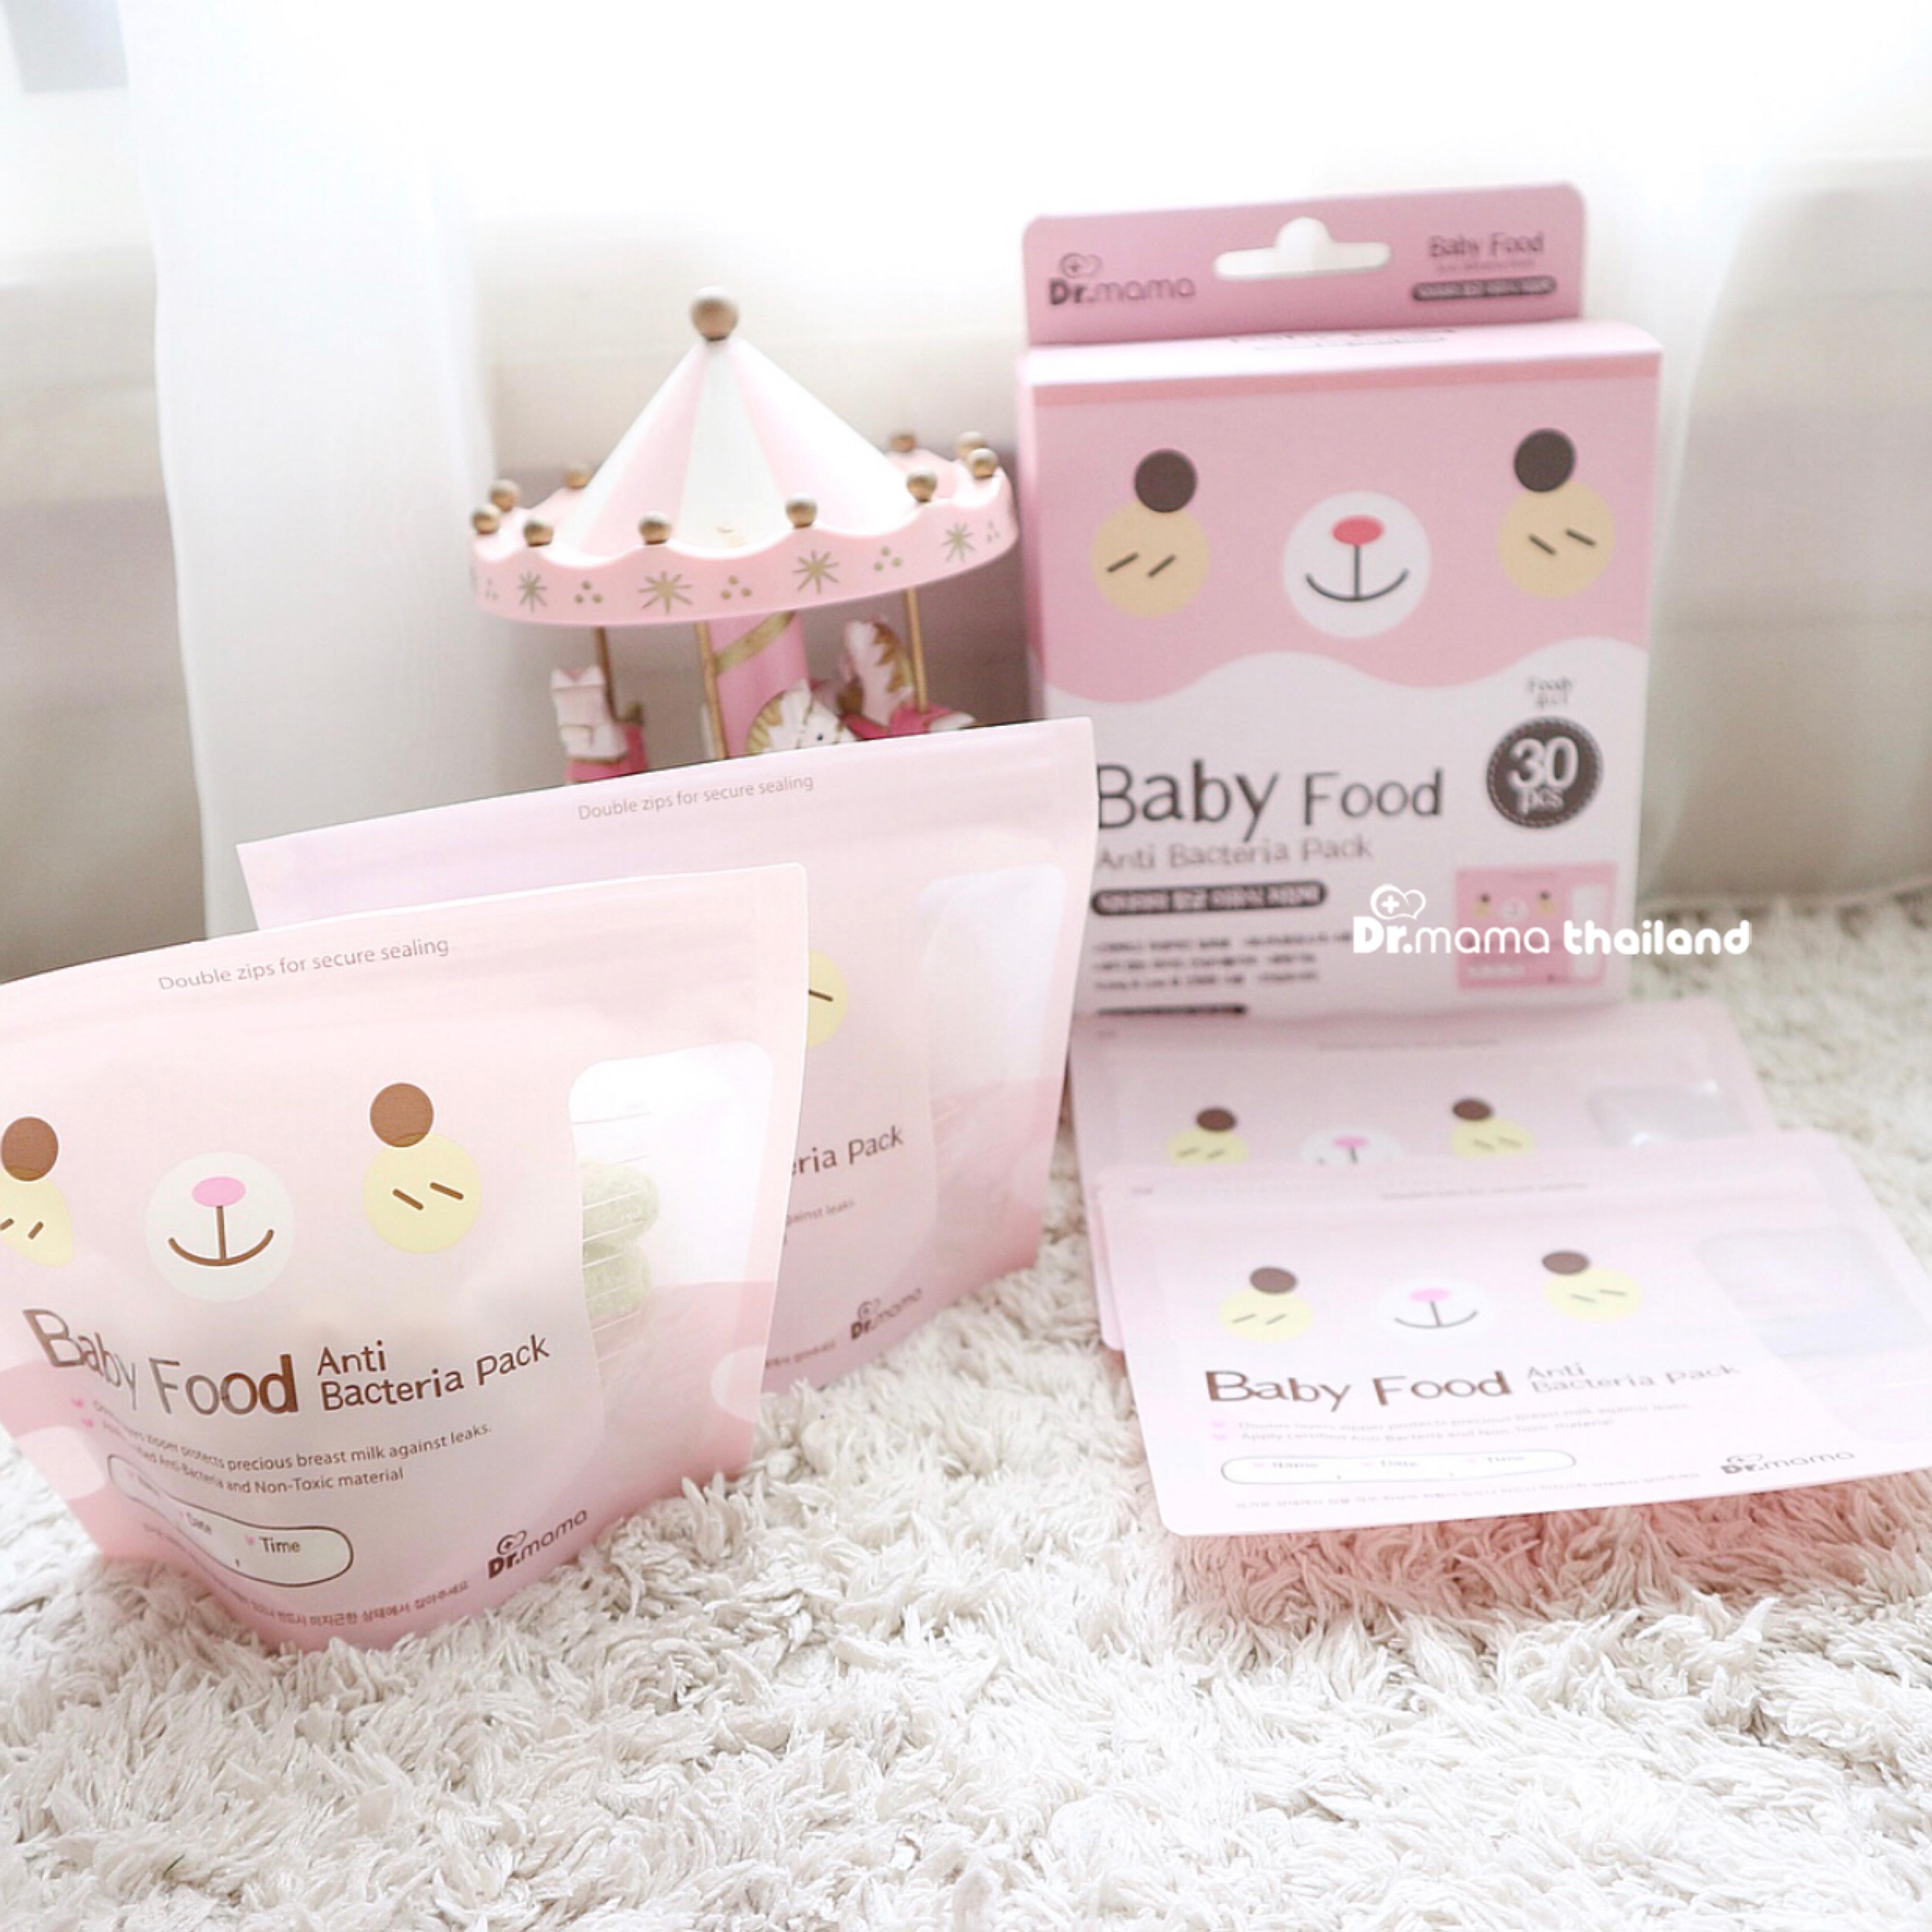 ถุงสต็อคอาหารเด็ก Dr.mama Foody Baby Food Storage Bag